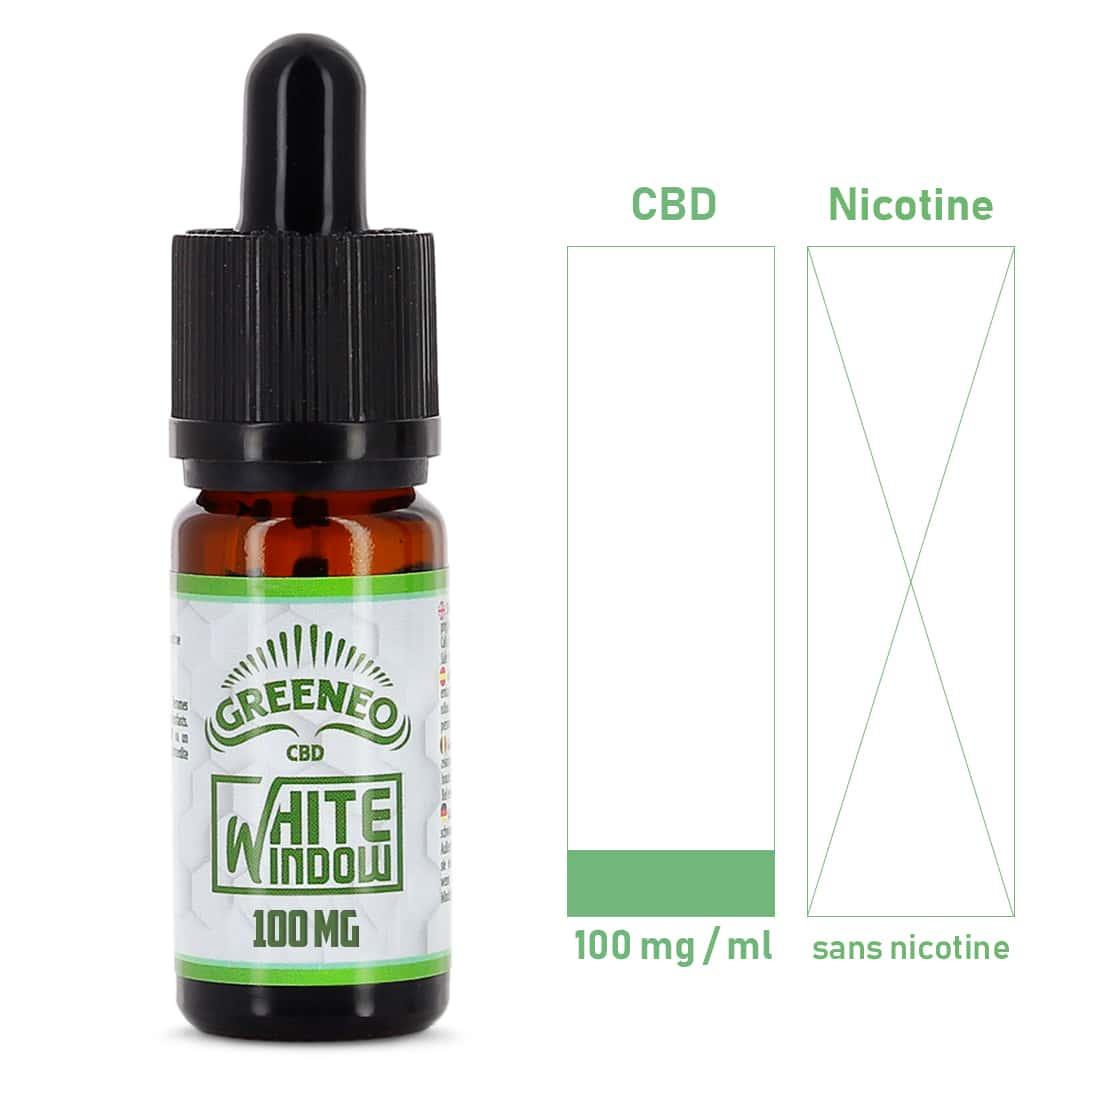 Photo #1 de CBD E liquide Greeneo White Window 100mg